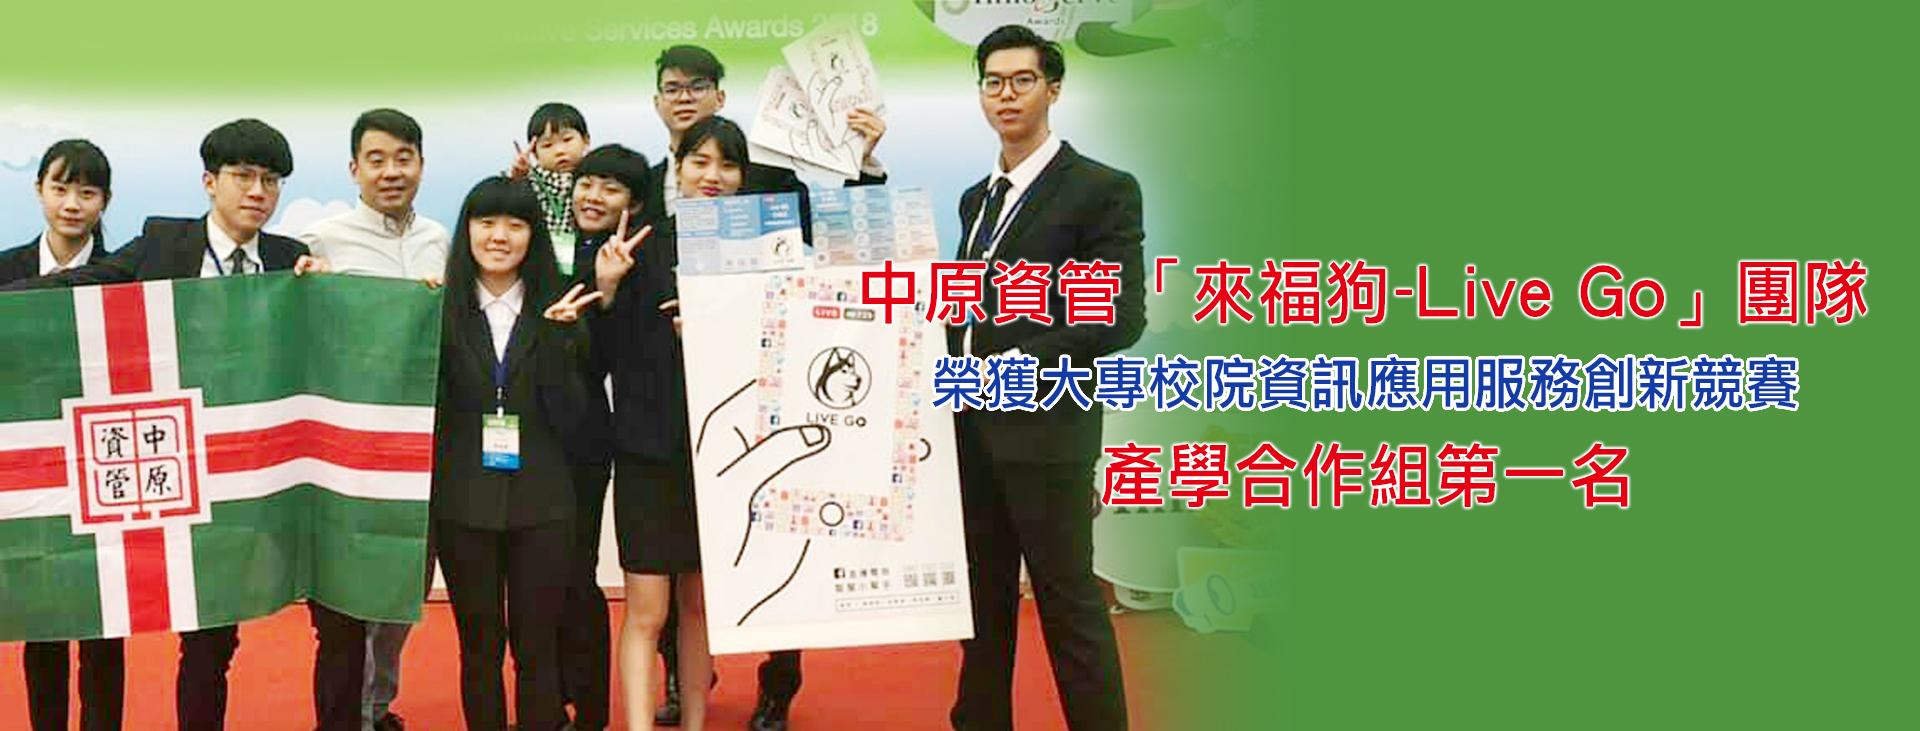 中原大學學生結合專業,打造直播界蝦皮!